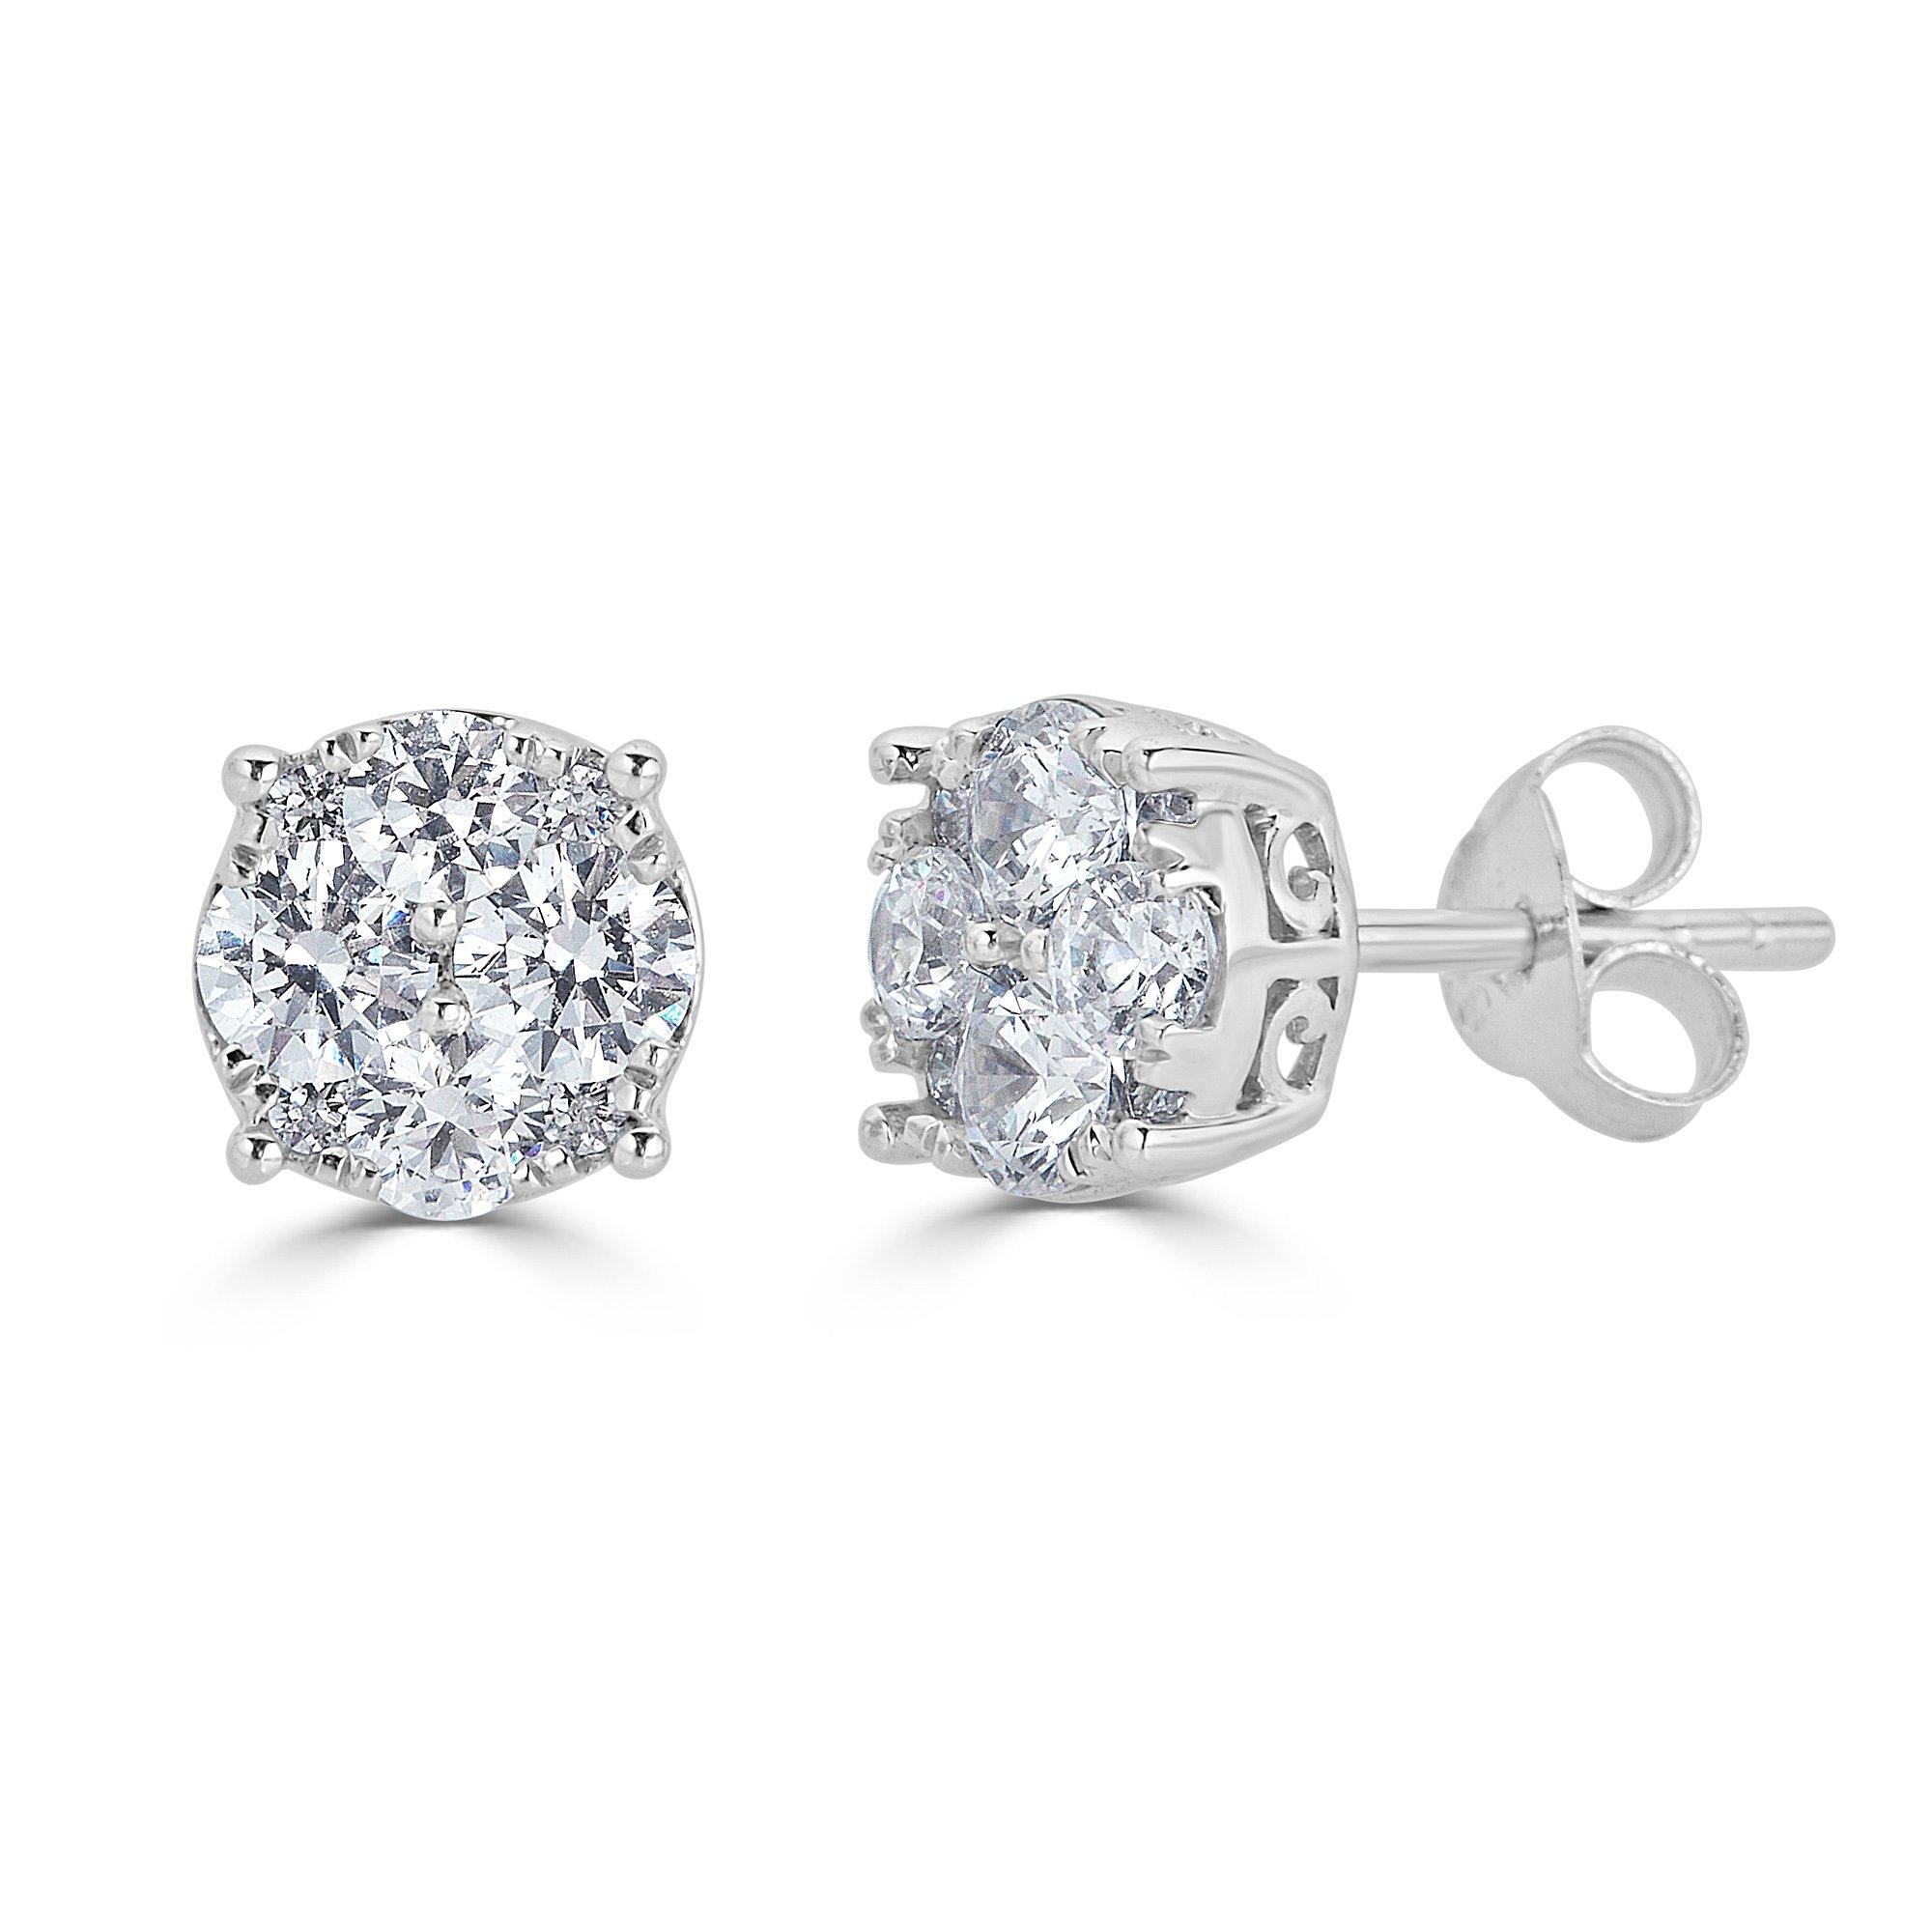 1/2Ct Diamond Stud Earrings Set in Sterling Silver